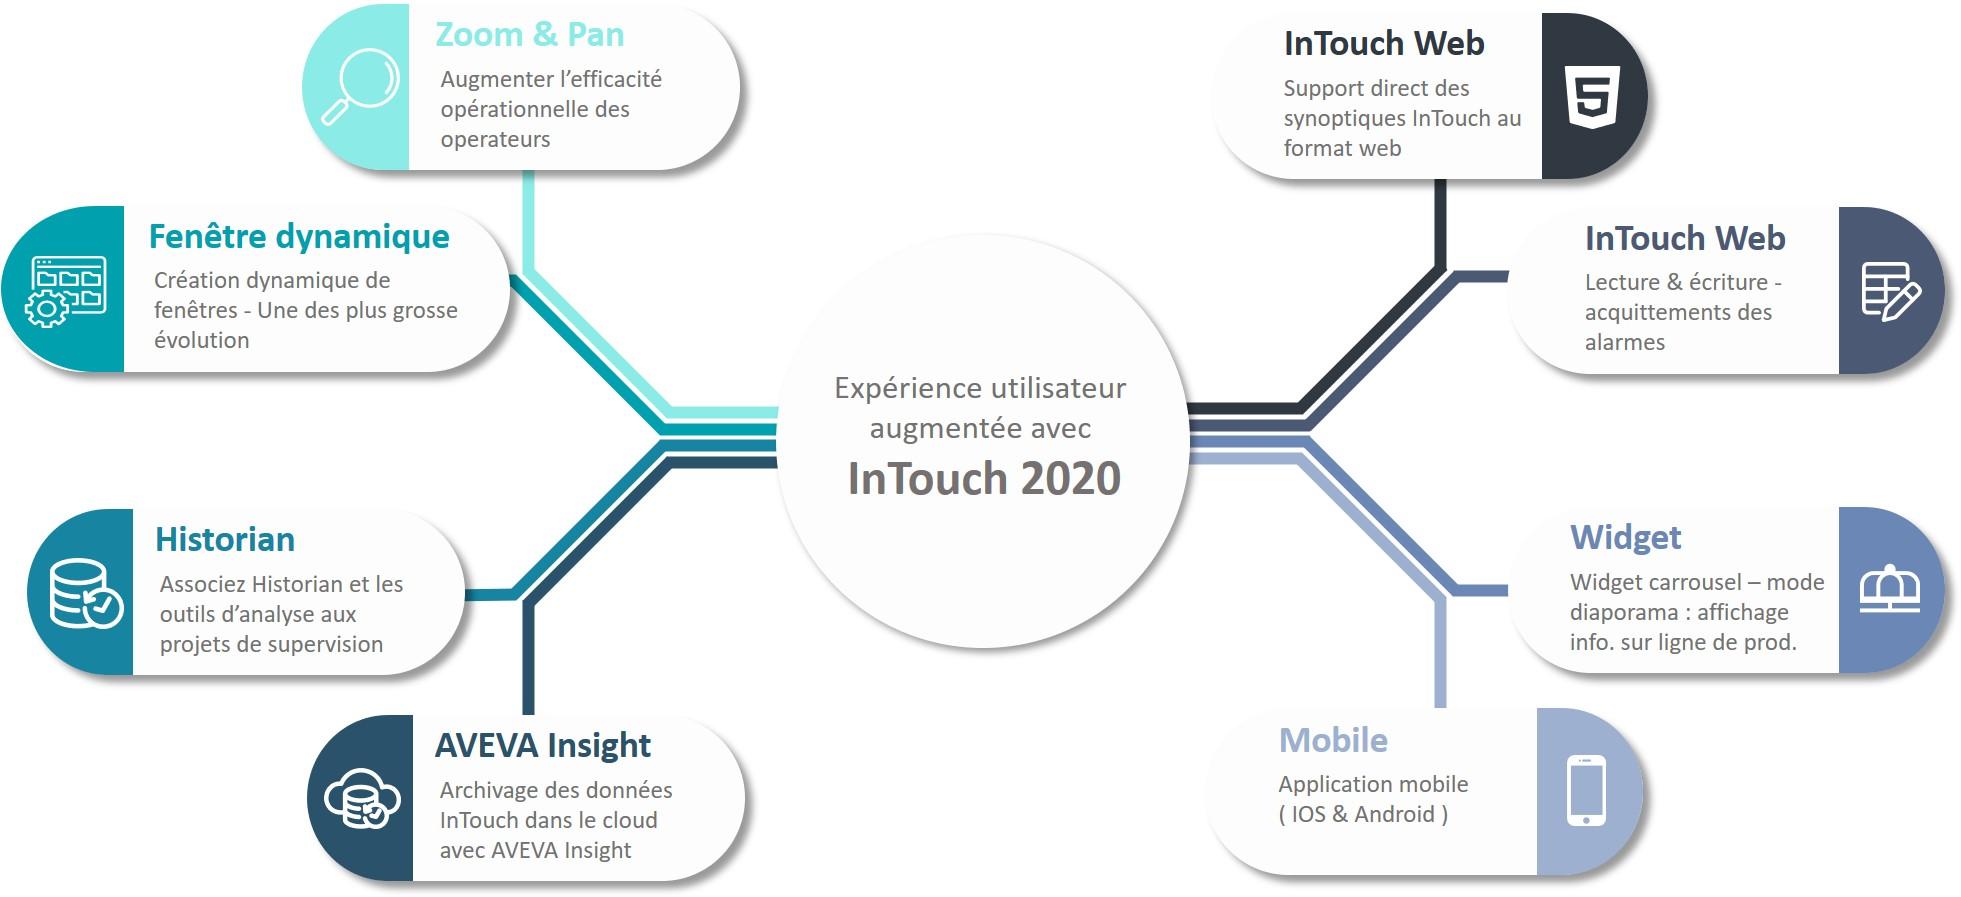 InTouch 2020 Expérience Utilisateur